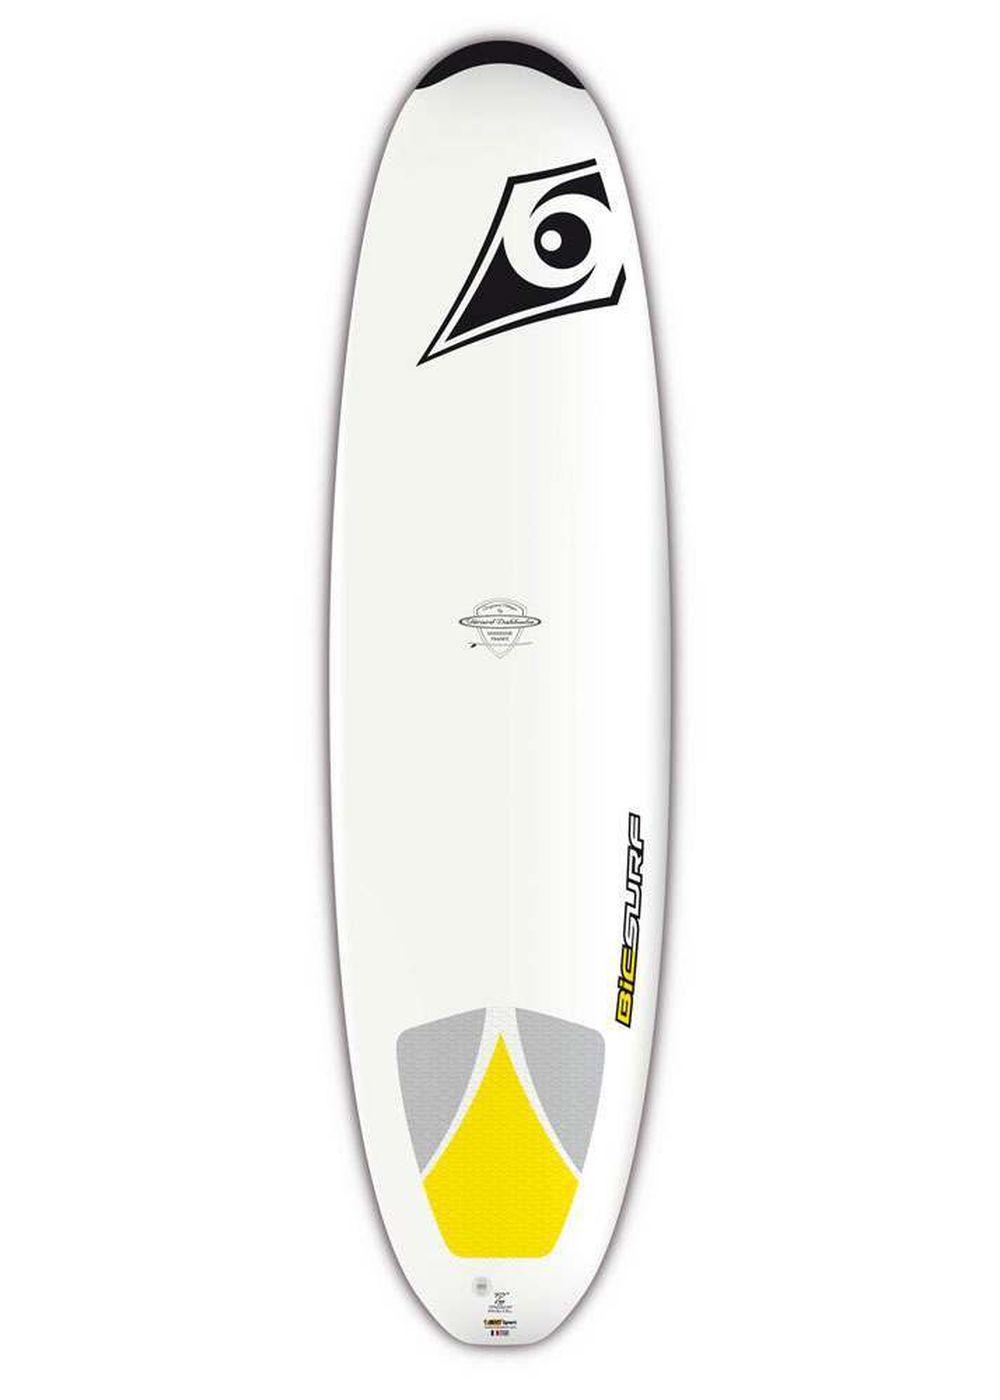 BIC EGG SURFBOARD 7ft 0